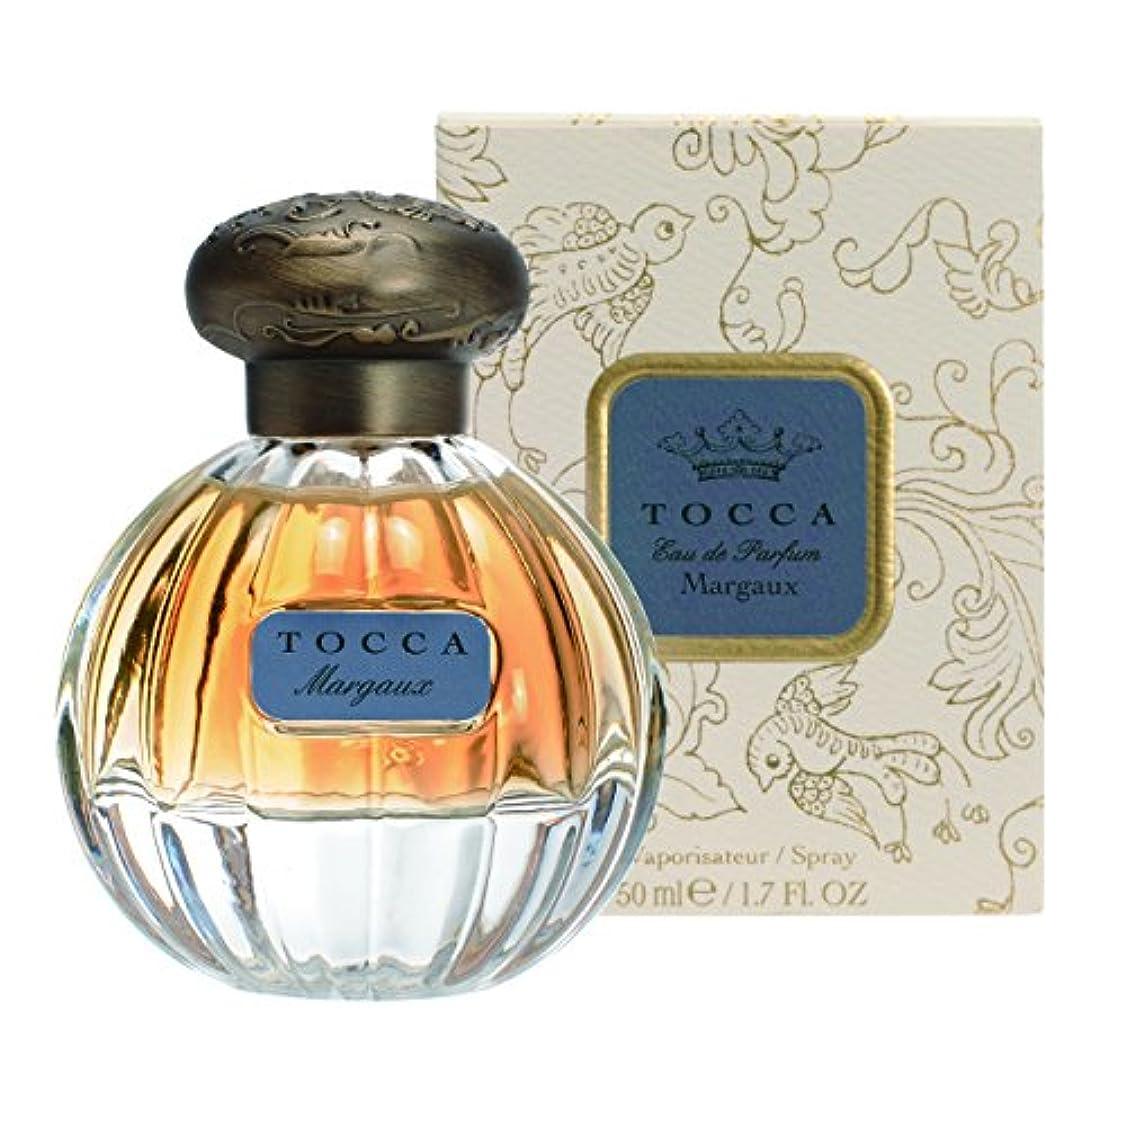 スチュアート島座標アクセルトッカ(TOCCA) オードパルファム マルゴーの香り 50ml(香水 永遠の愛を思わせるフローラルとカシミヤウッド、ムスクの甘い温かみにバニラのアクセントが加わった香り)